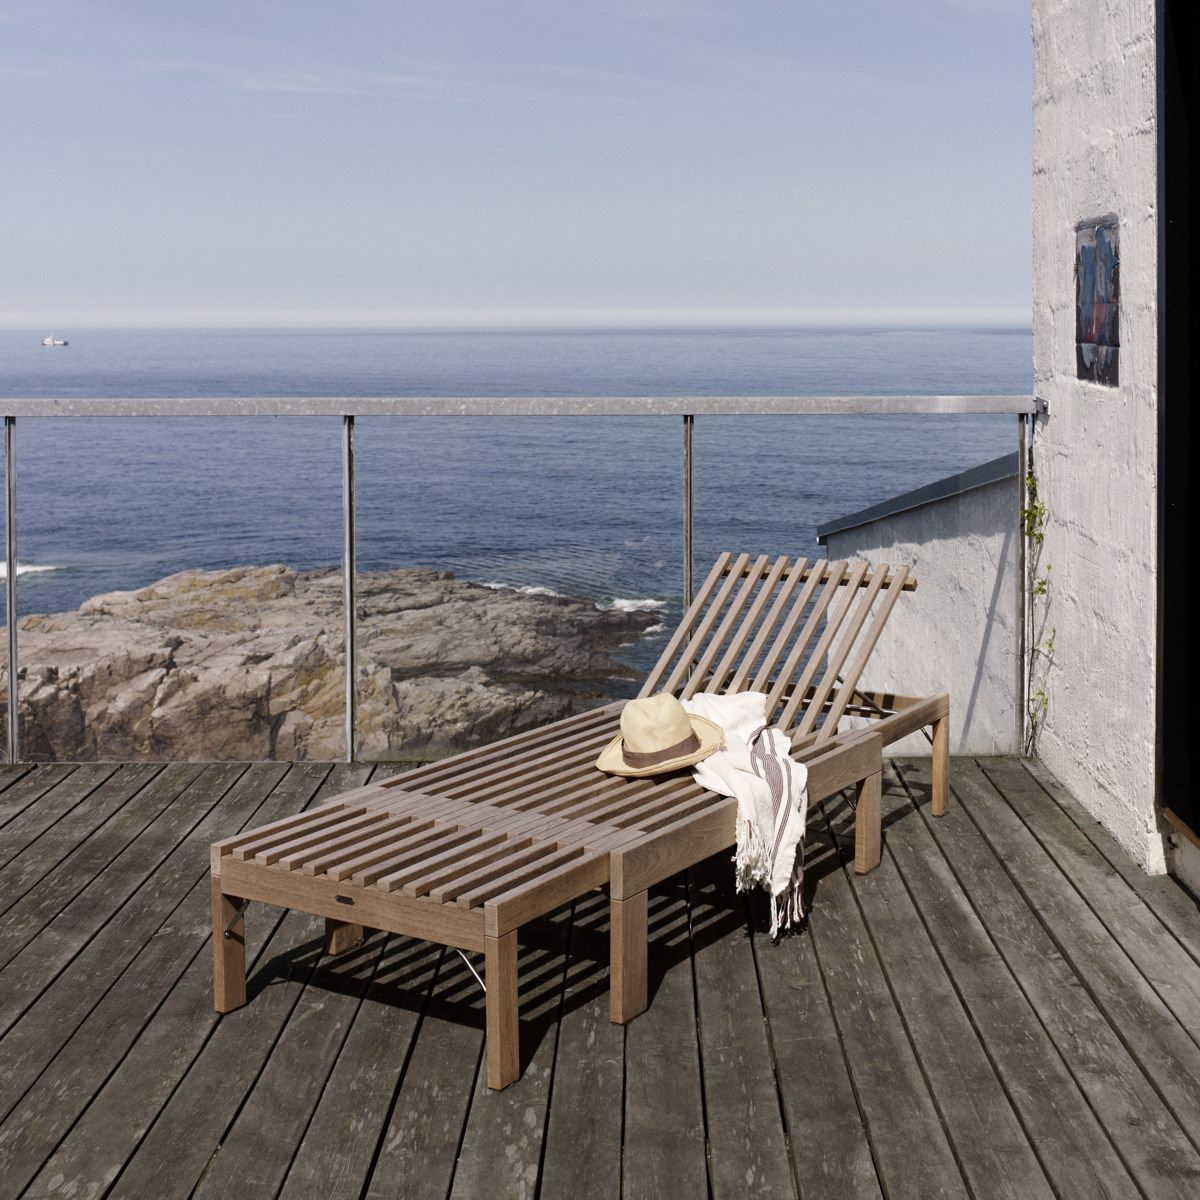 Skagerak Riviera Sunbed in decking by the beach